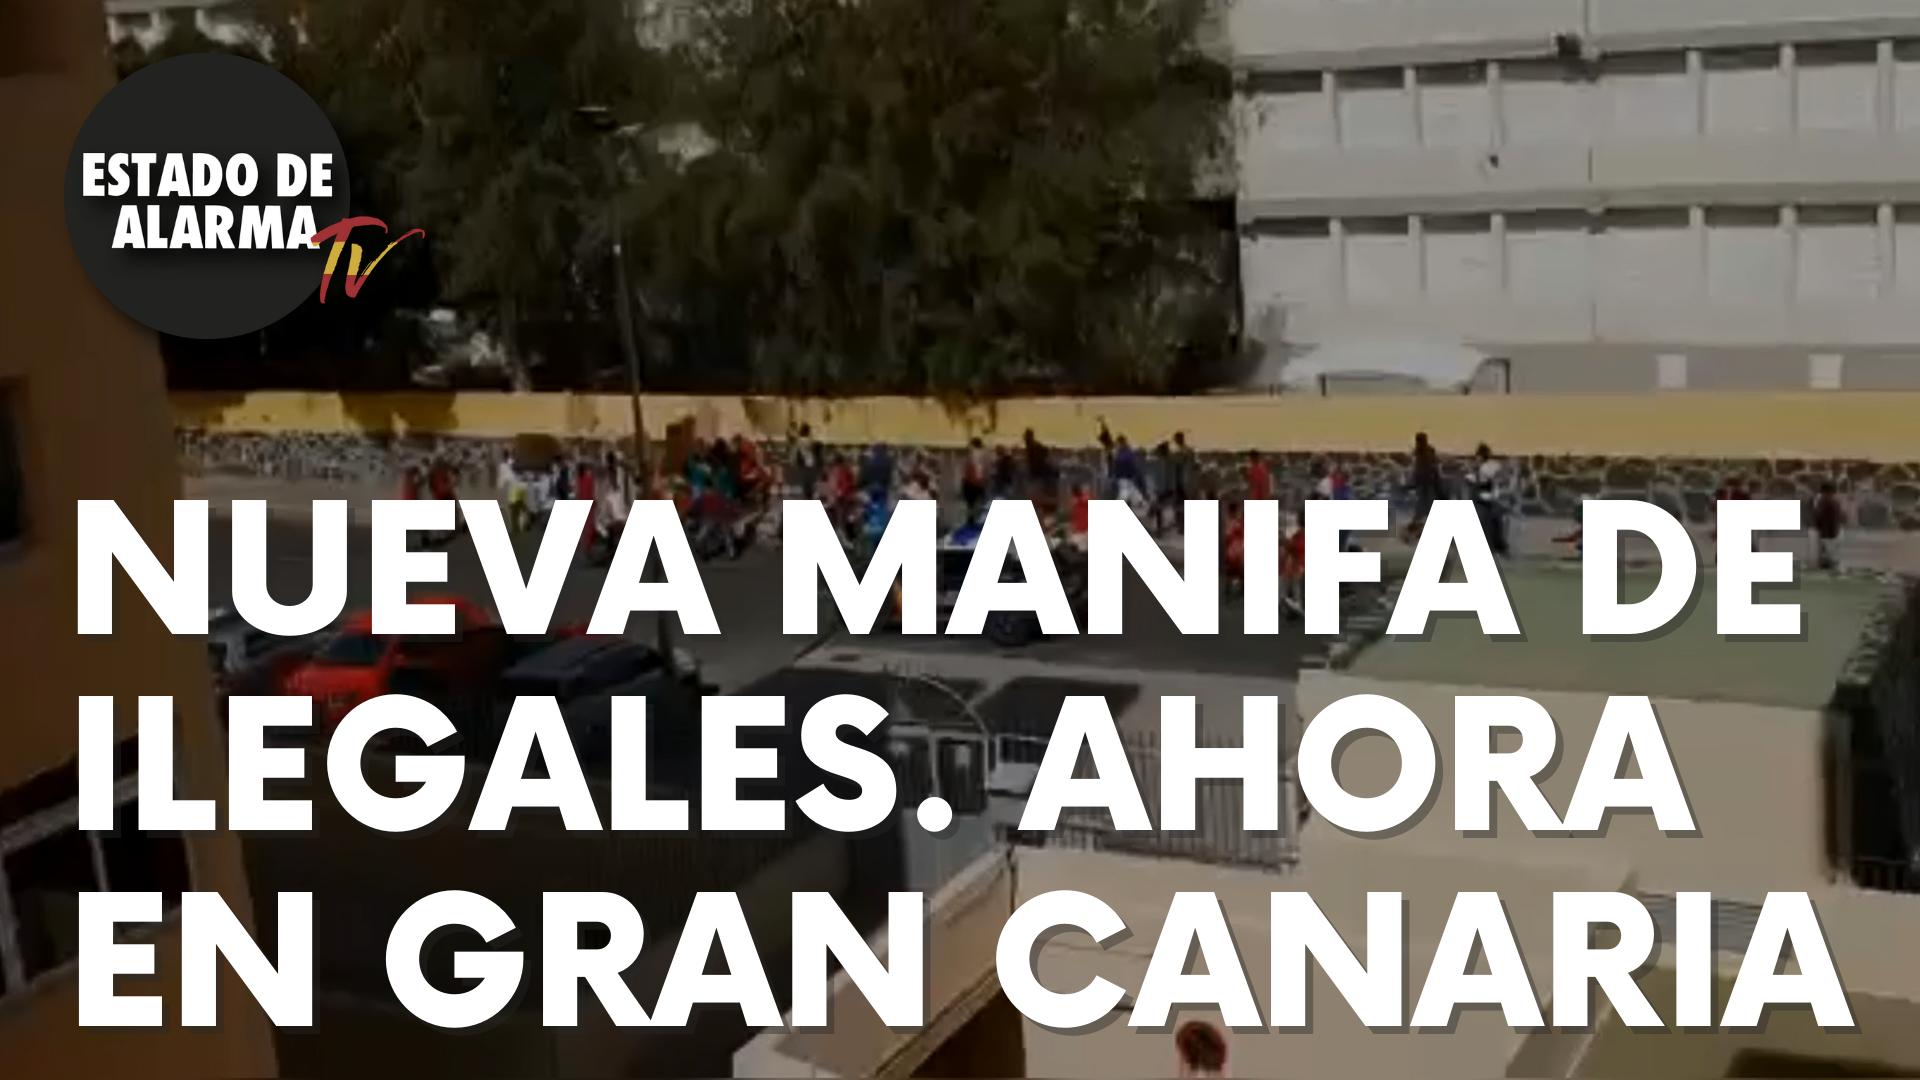 Nueva manifa de inmigrantes ilegales sin medidas de seguridad. Ahora en Gran Canaria